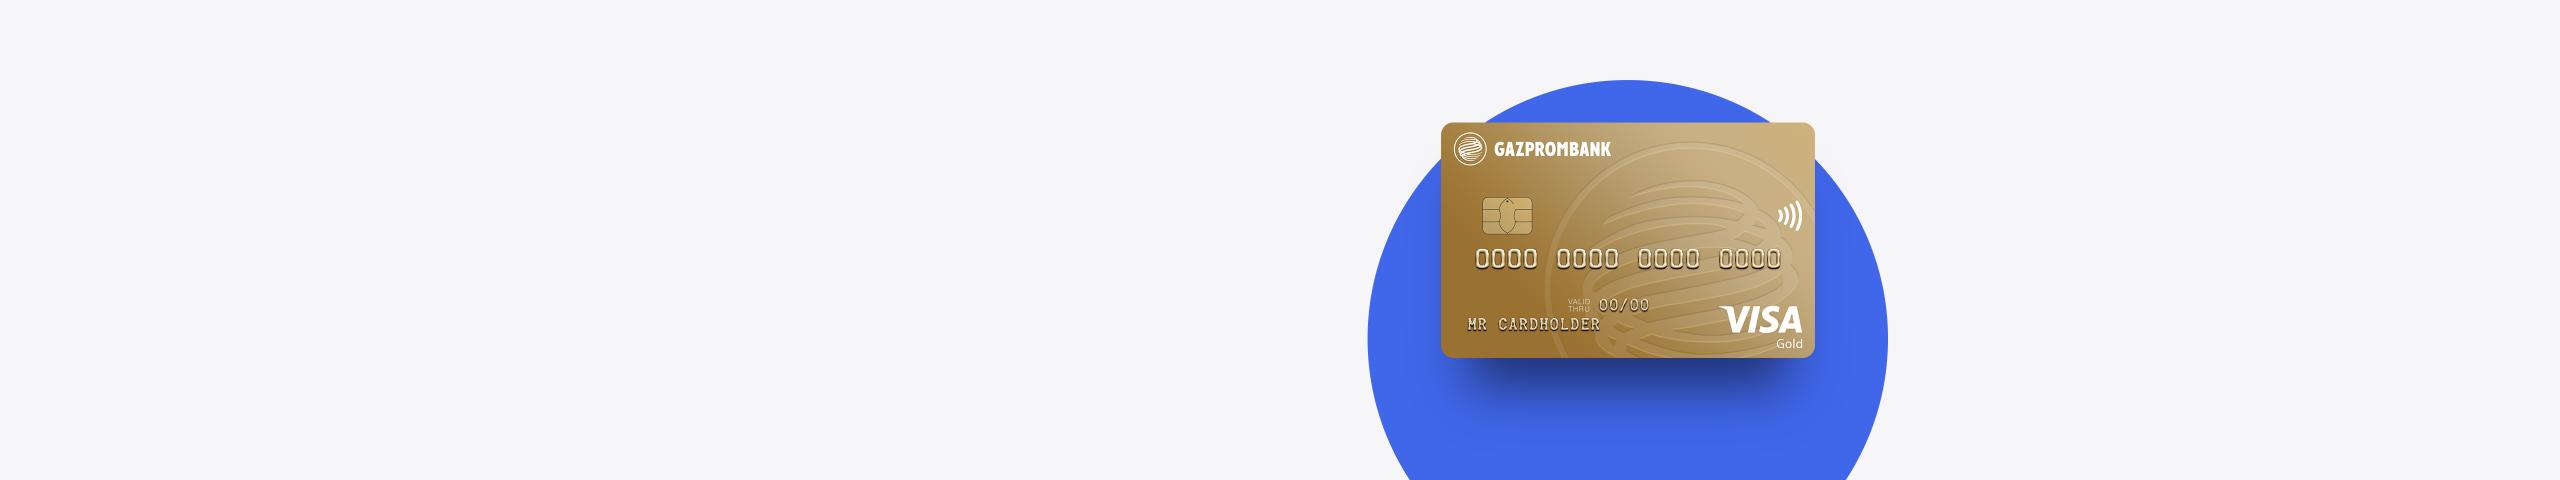 Умная карта Visa Gold с кешбэком или милями